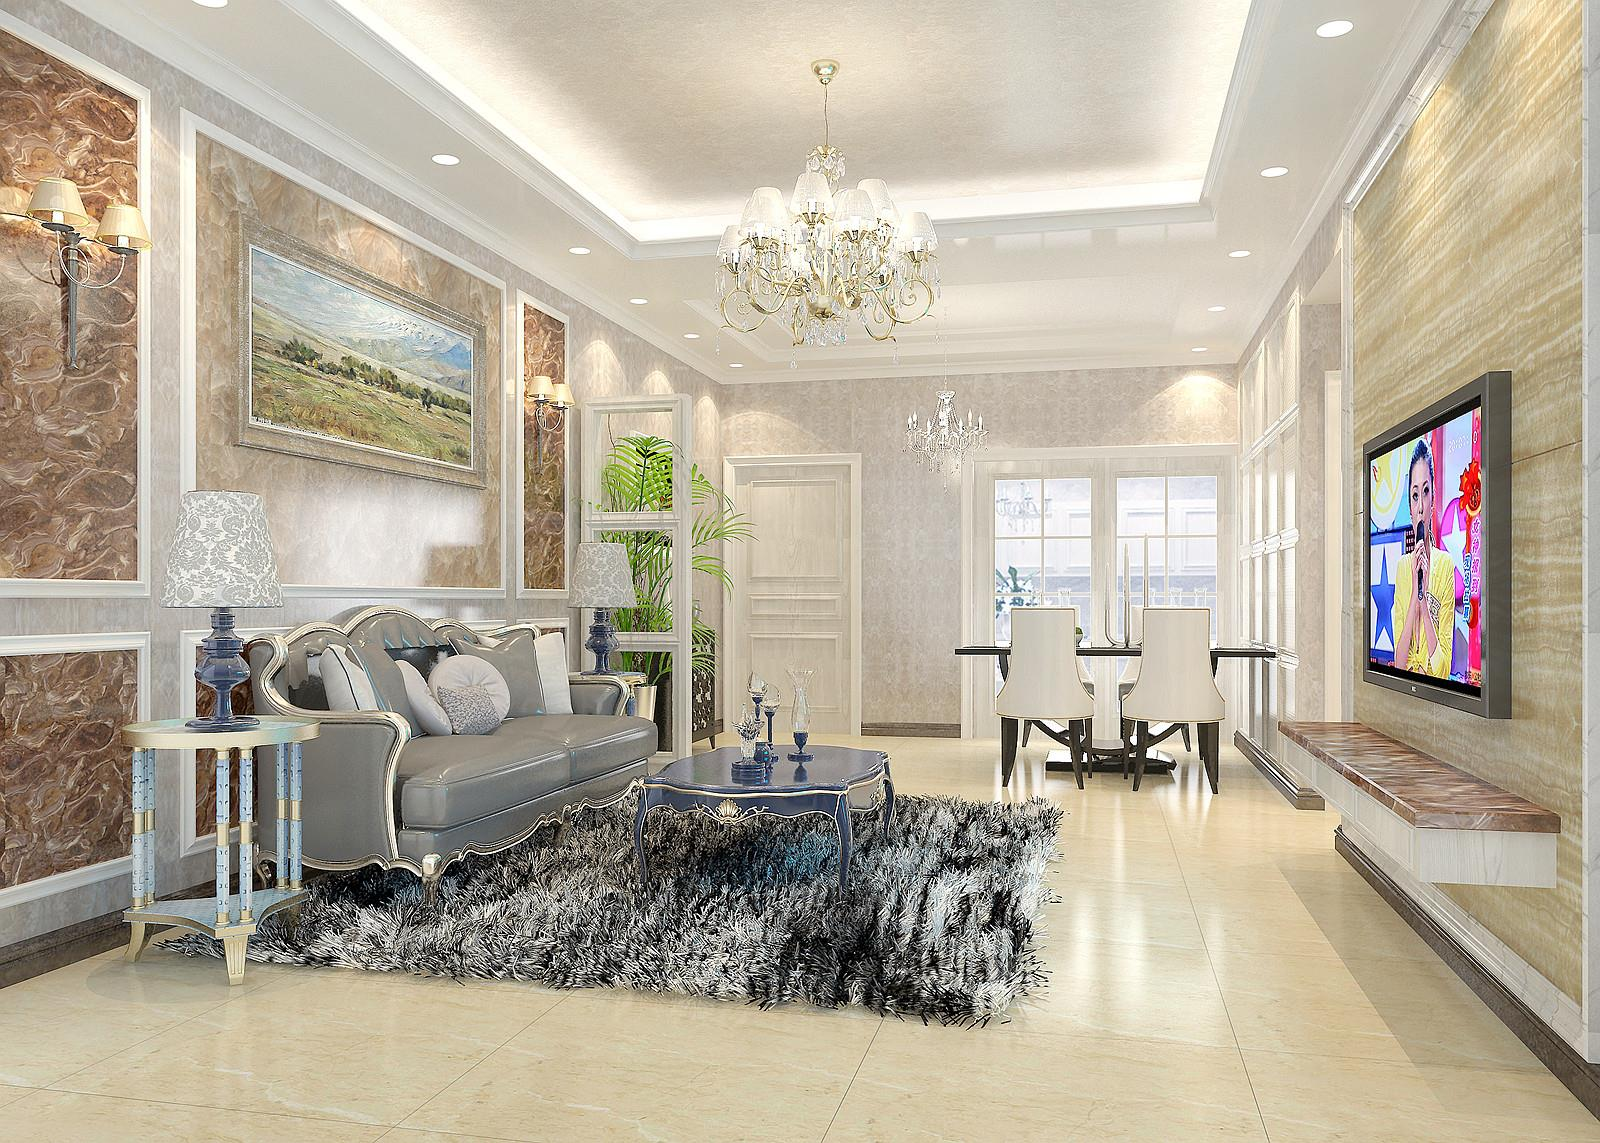 护墙板 > 郑州集成墙板环保装饰新型材料呢   近年来集成装饰墙面材料图片